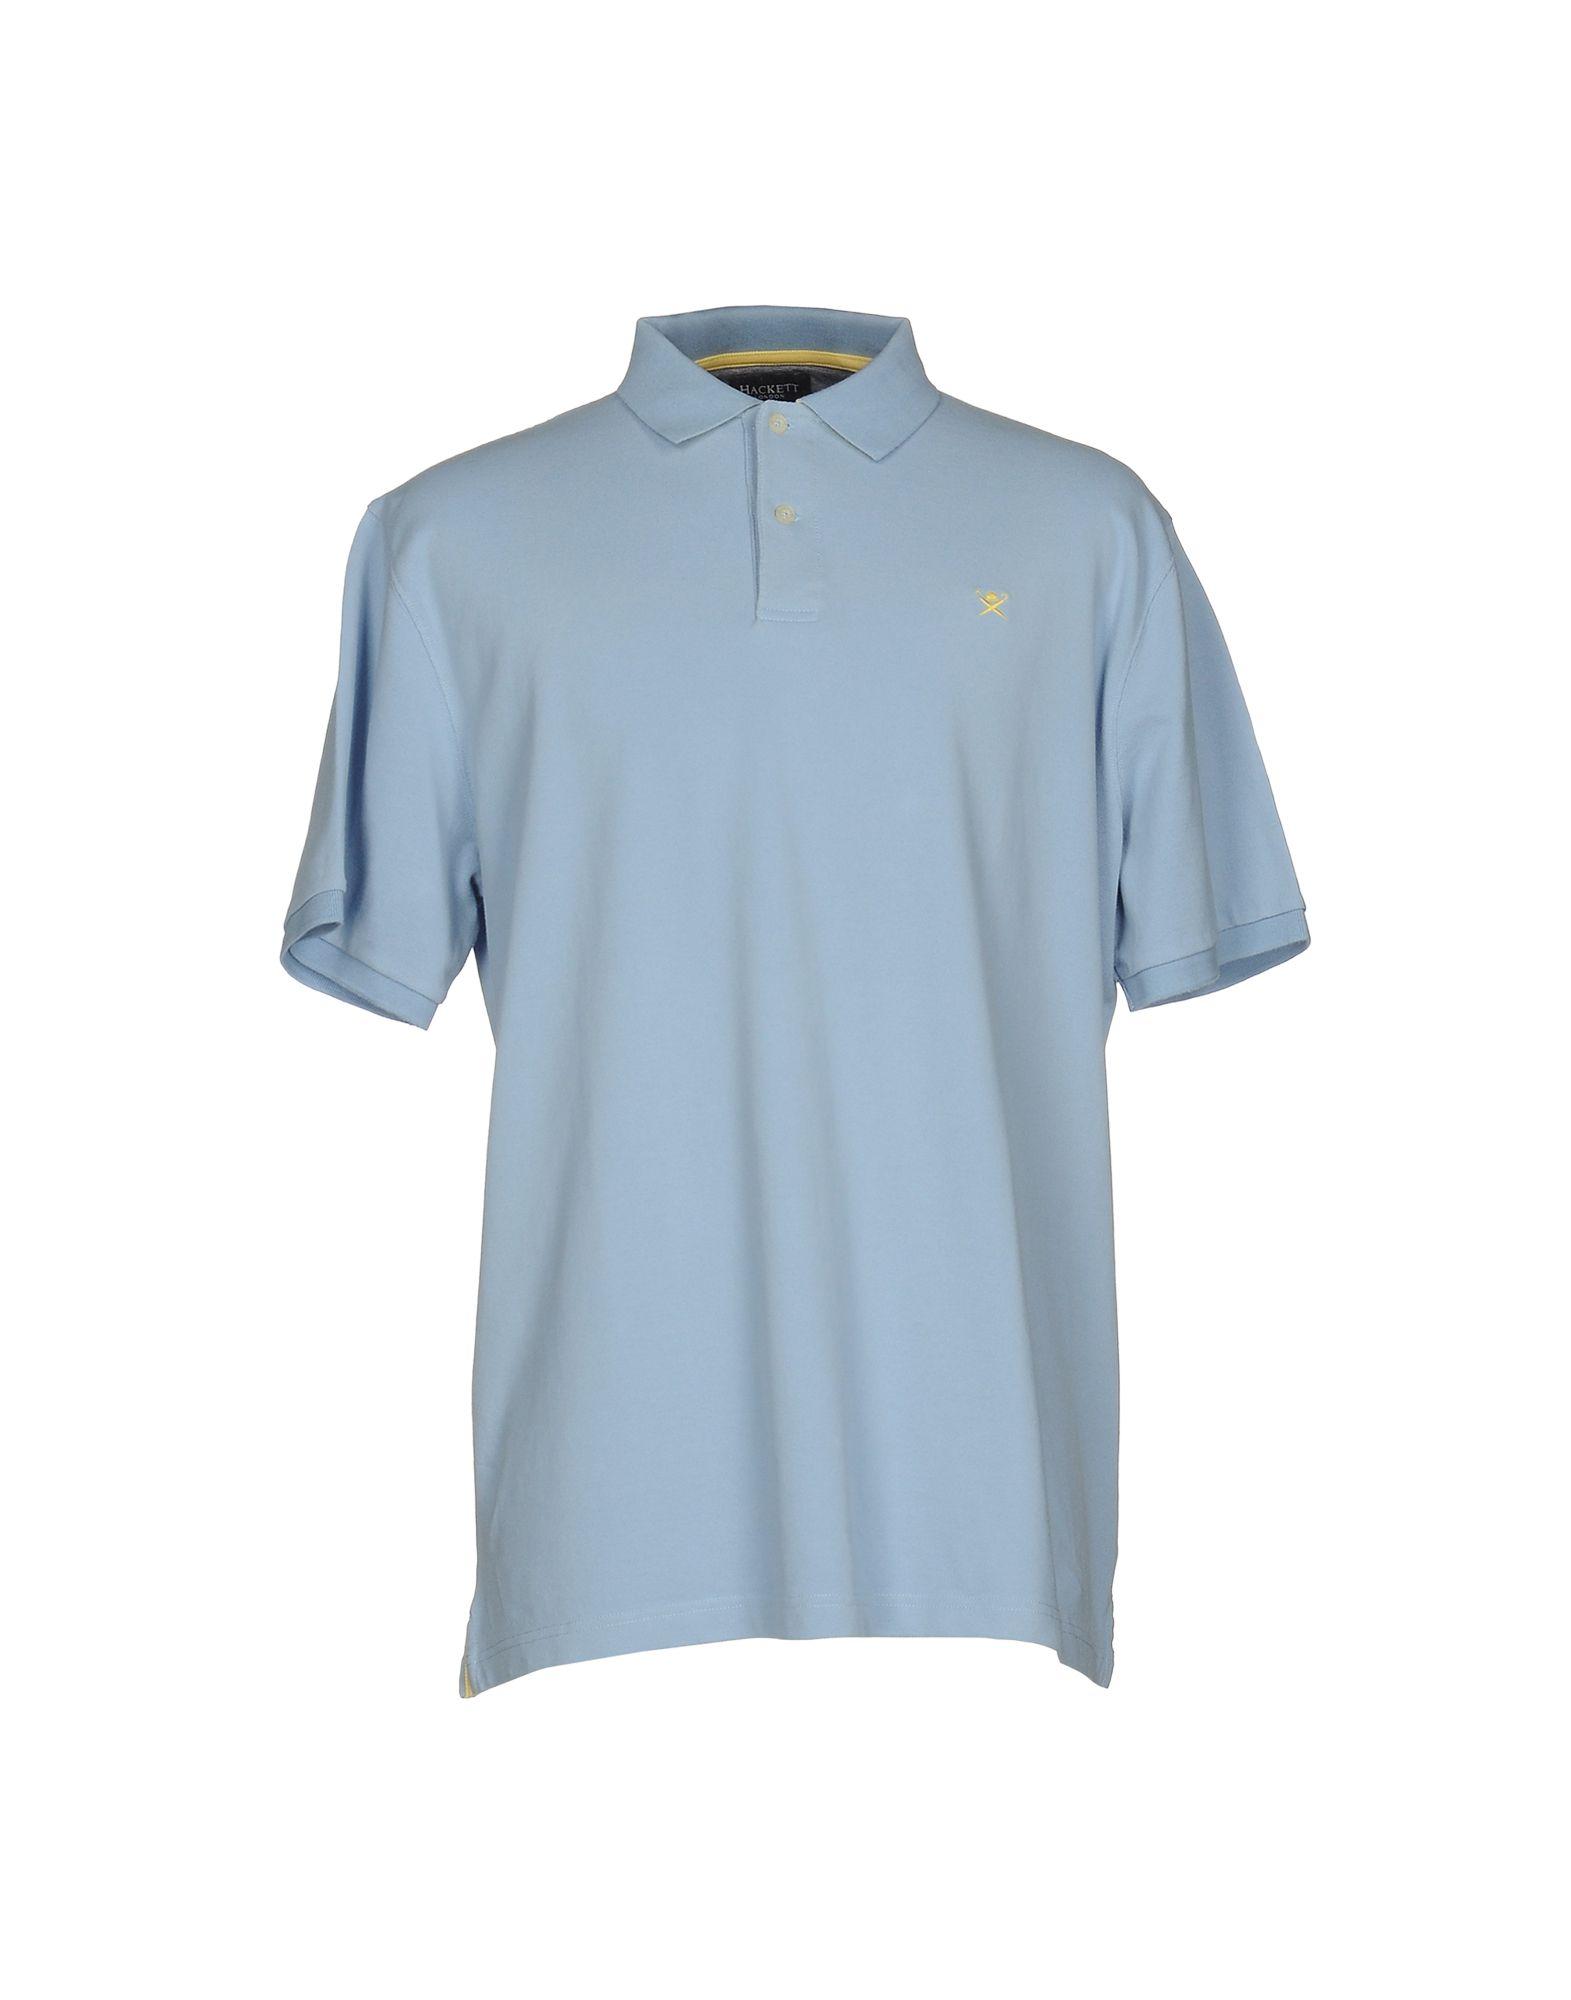 《送料無料》HACKETT メンズ ポロシャツ スカイブルー XS コットン 100%